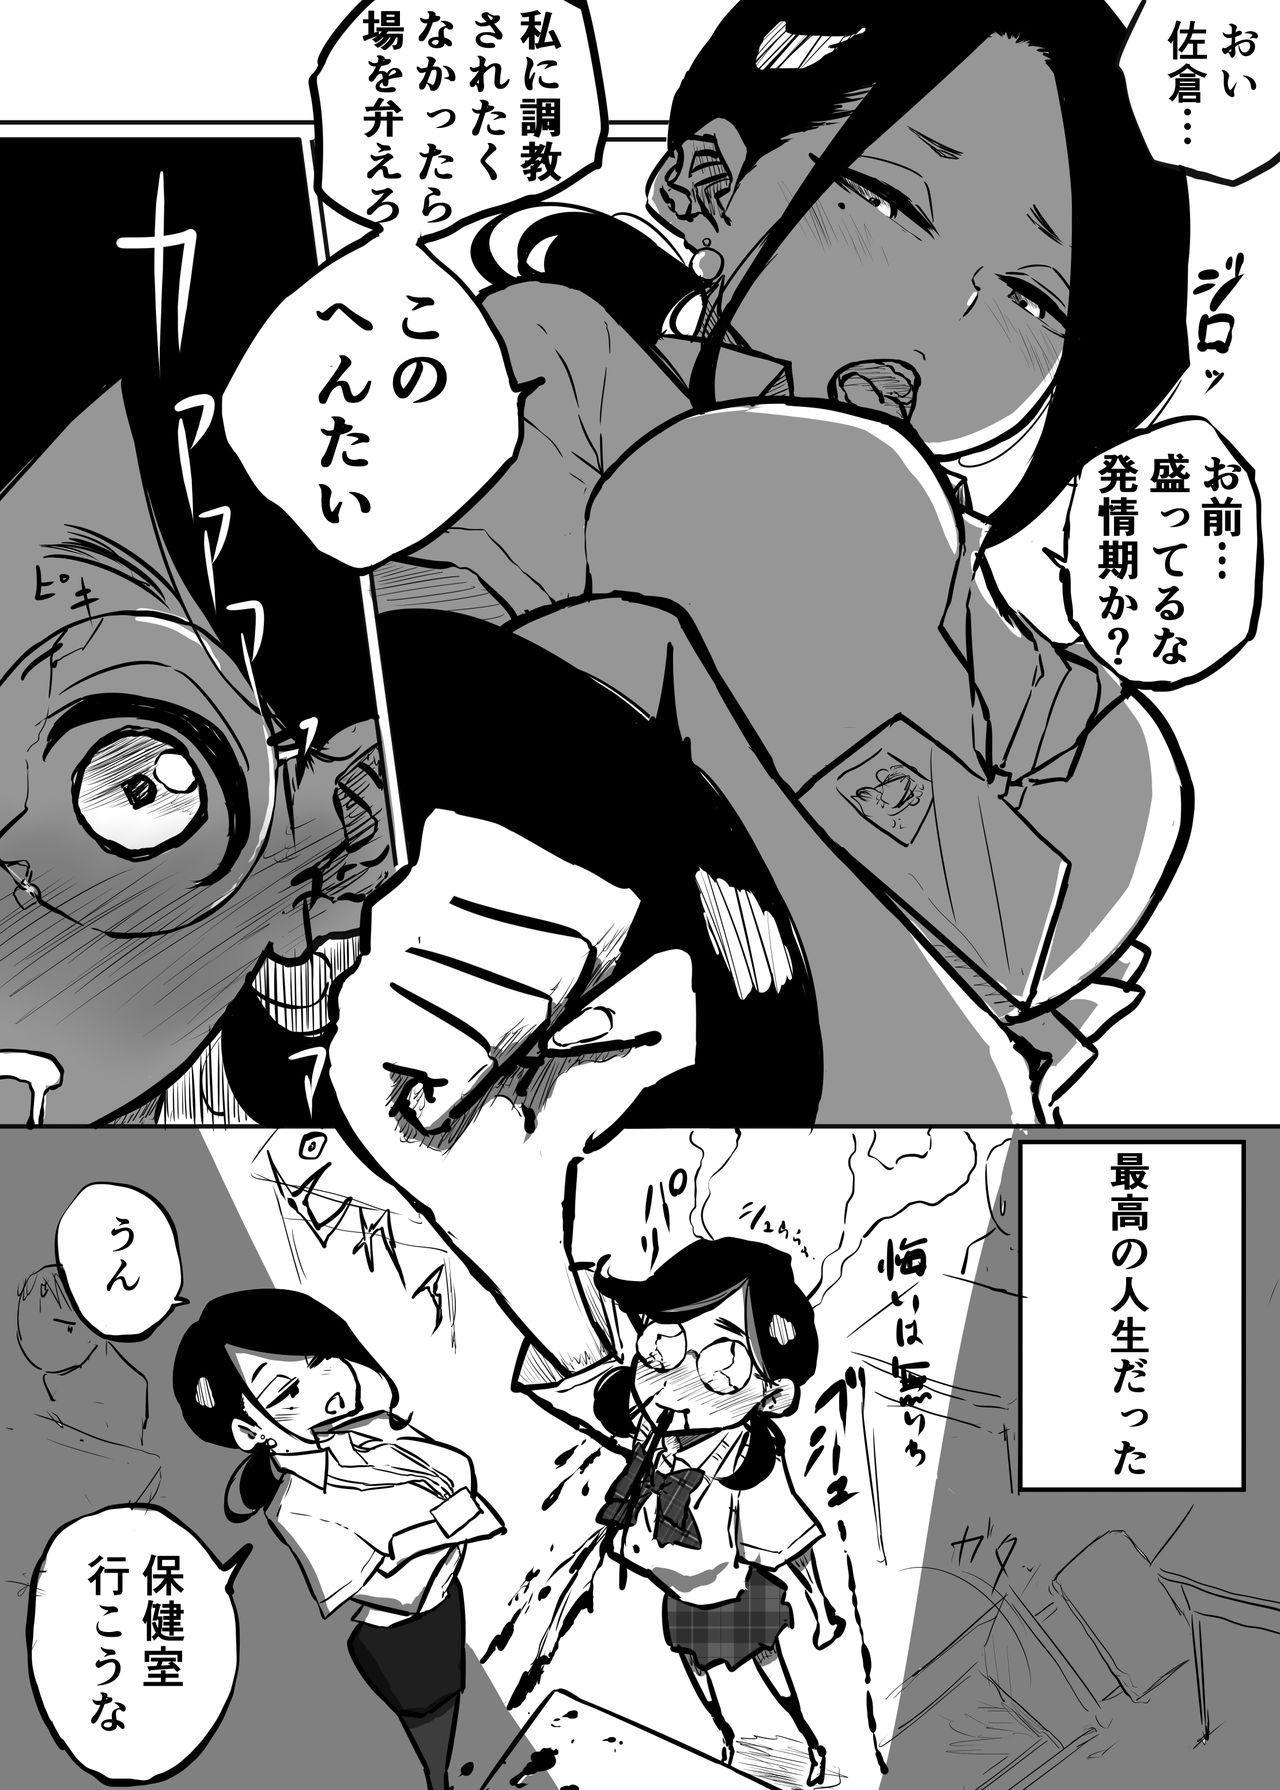 Sakura-san wa Batou saretai 2